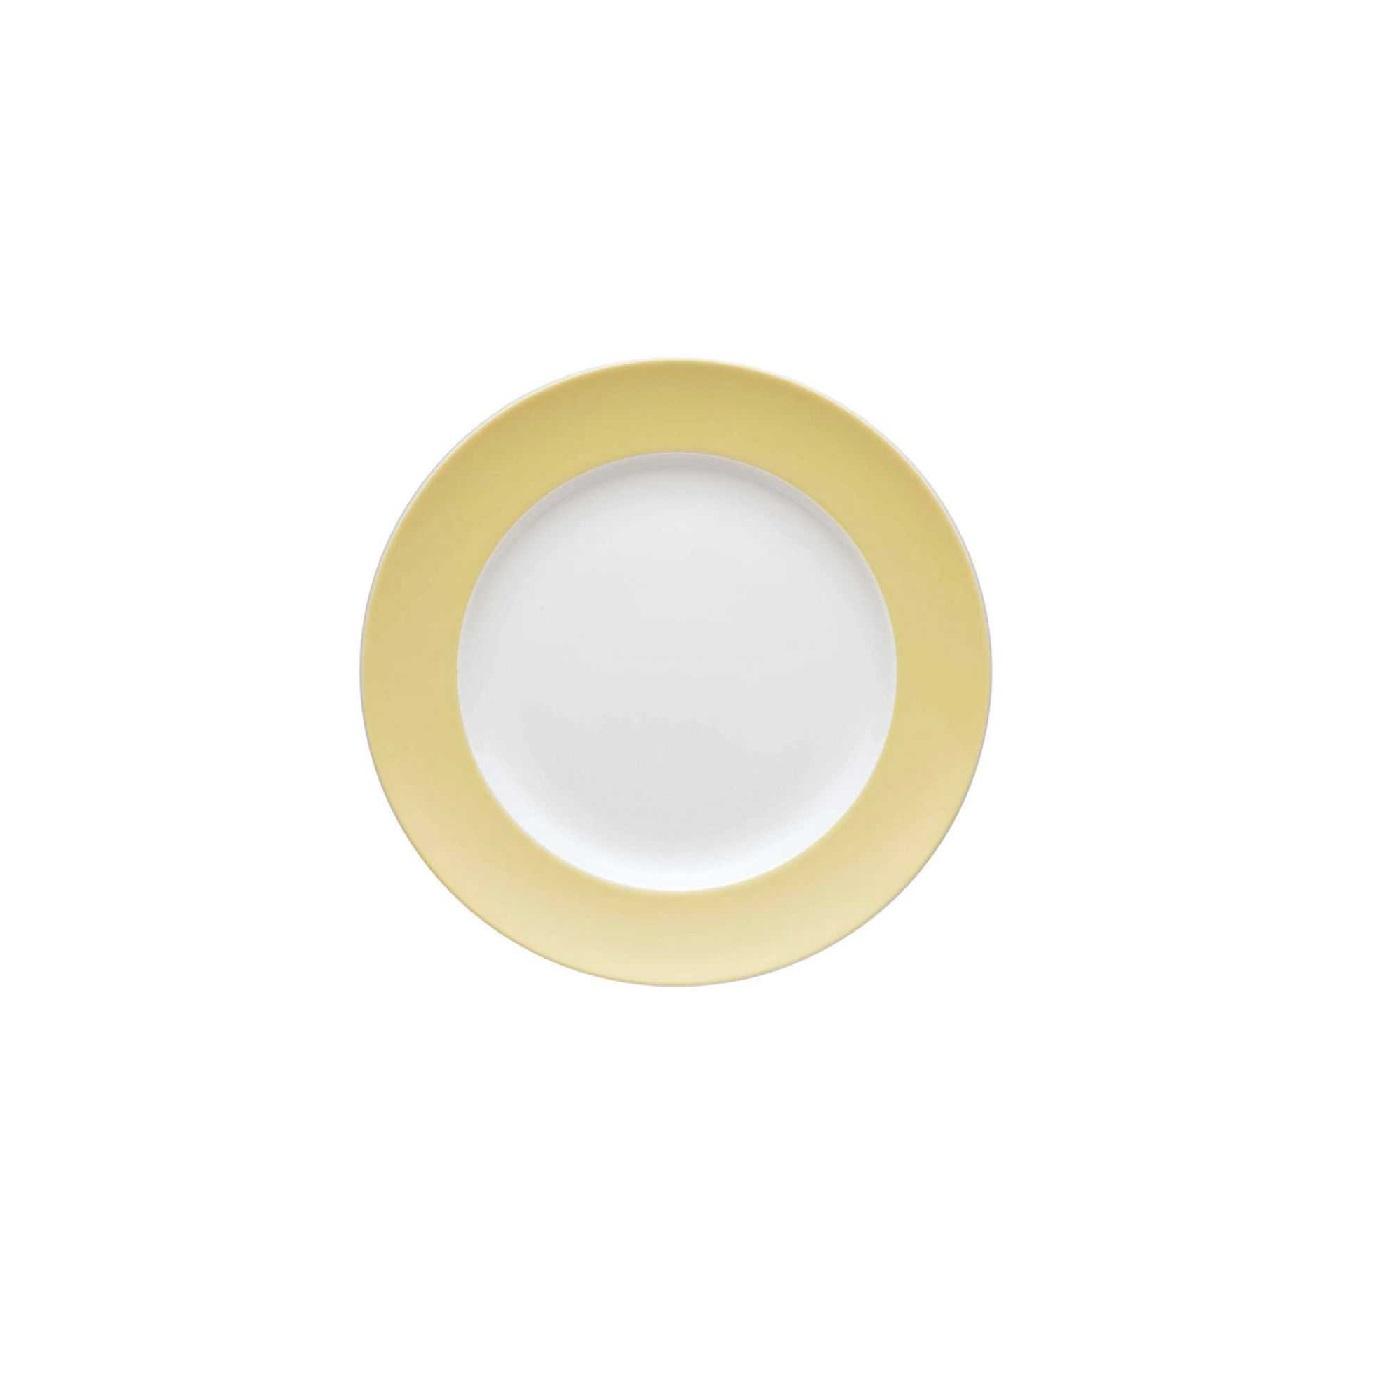 Тарелка десертная/закусочная Rosenthal SUNNY DAY, диаметр 22 см, желтый Rosenthal 70850-408511-10222 фото 1